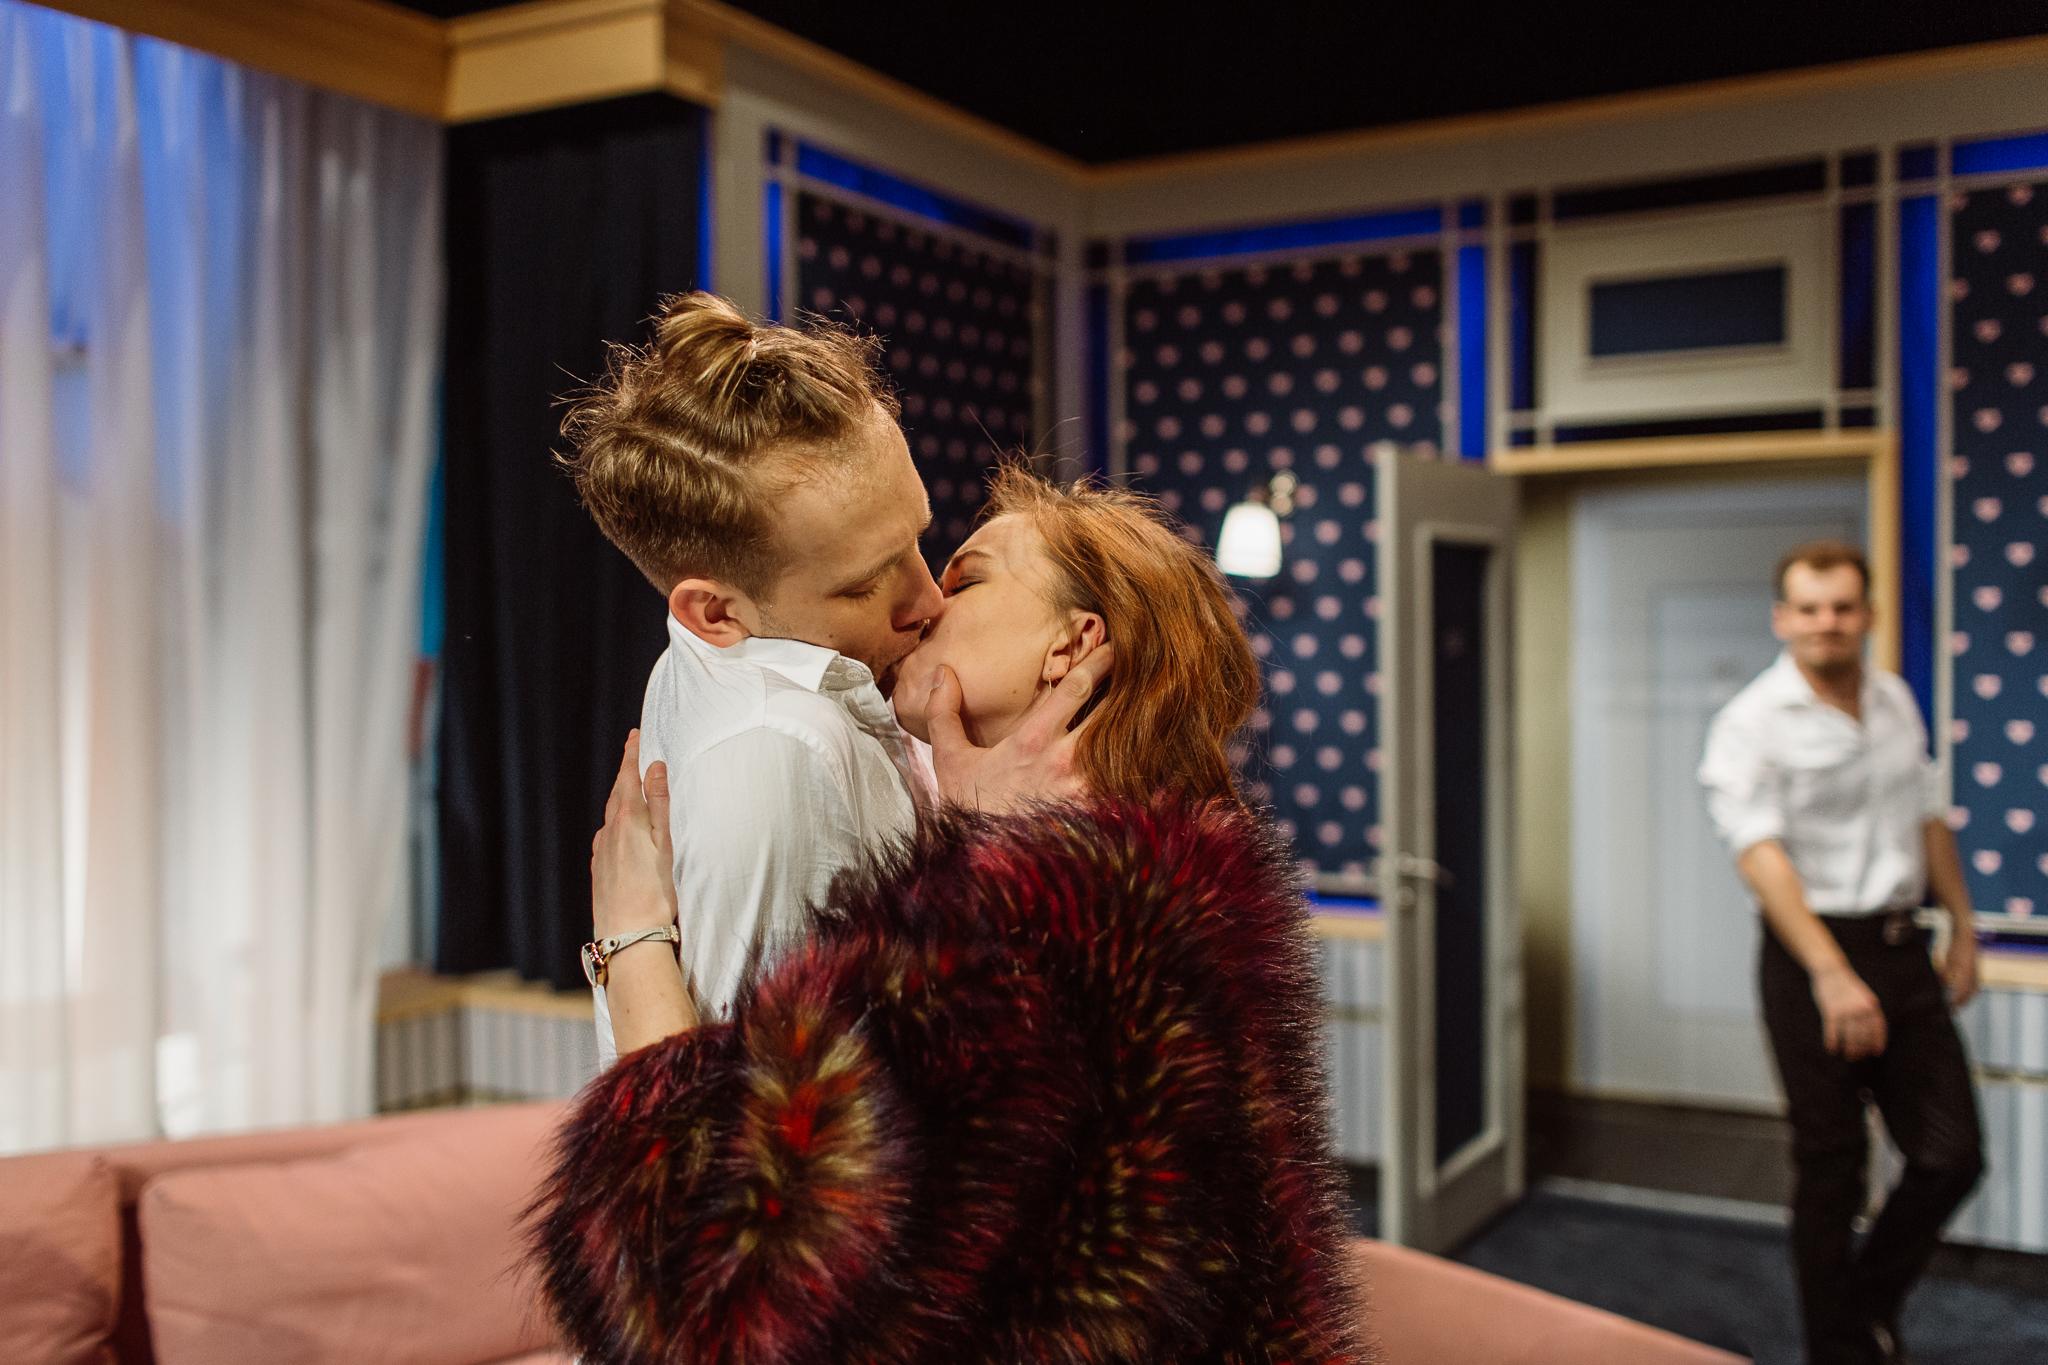 aktorzy na scenie, dwie osoby na peirwszym planie całują się, mężczyzna na drugim planie stoi w drzwiach